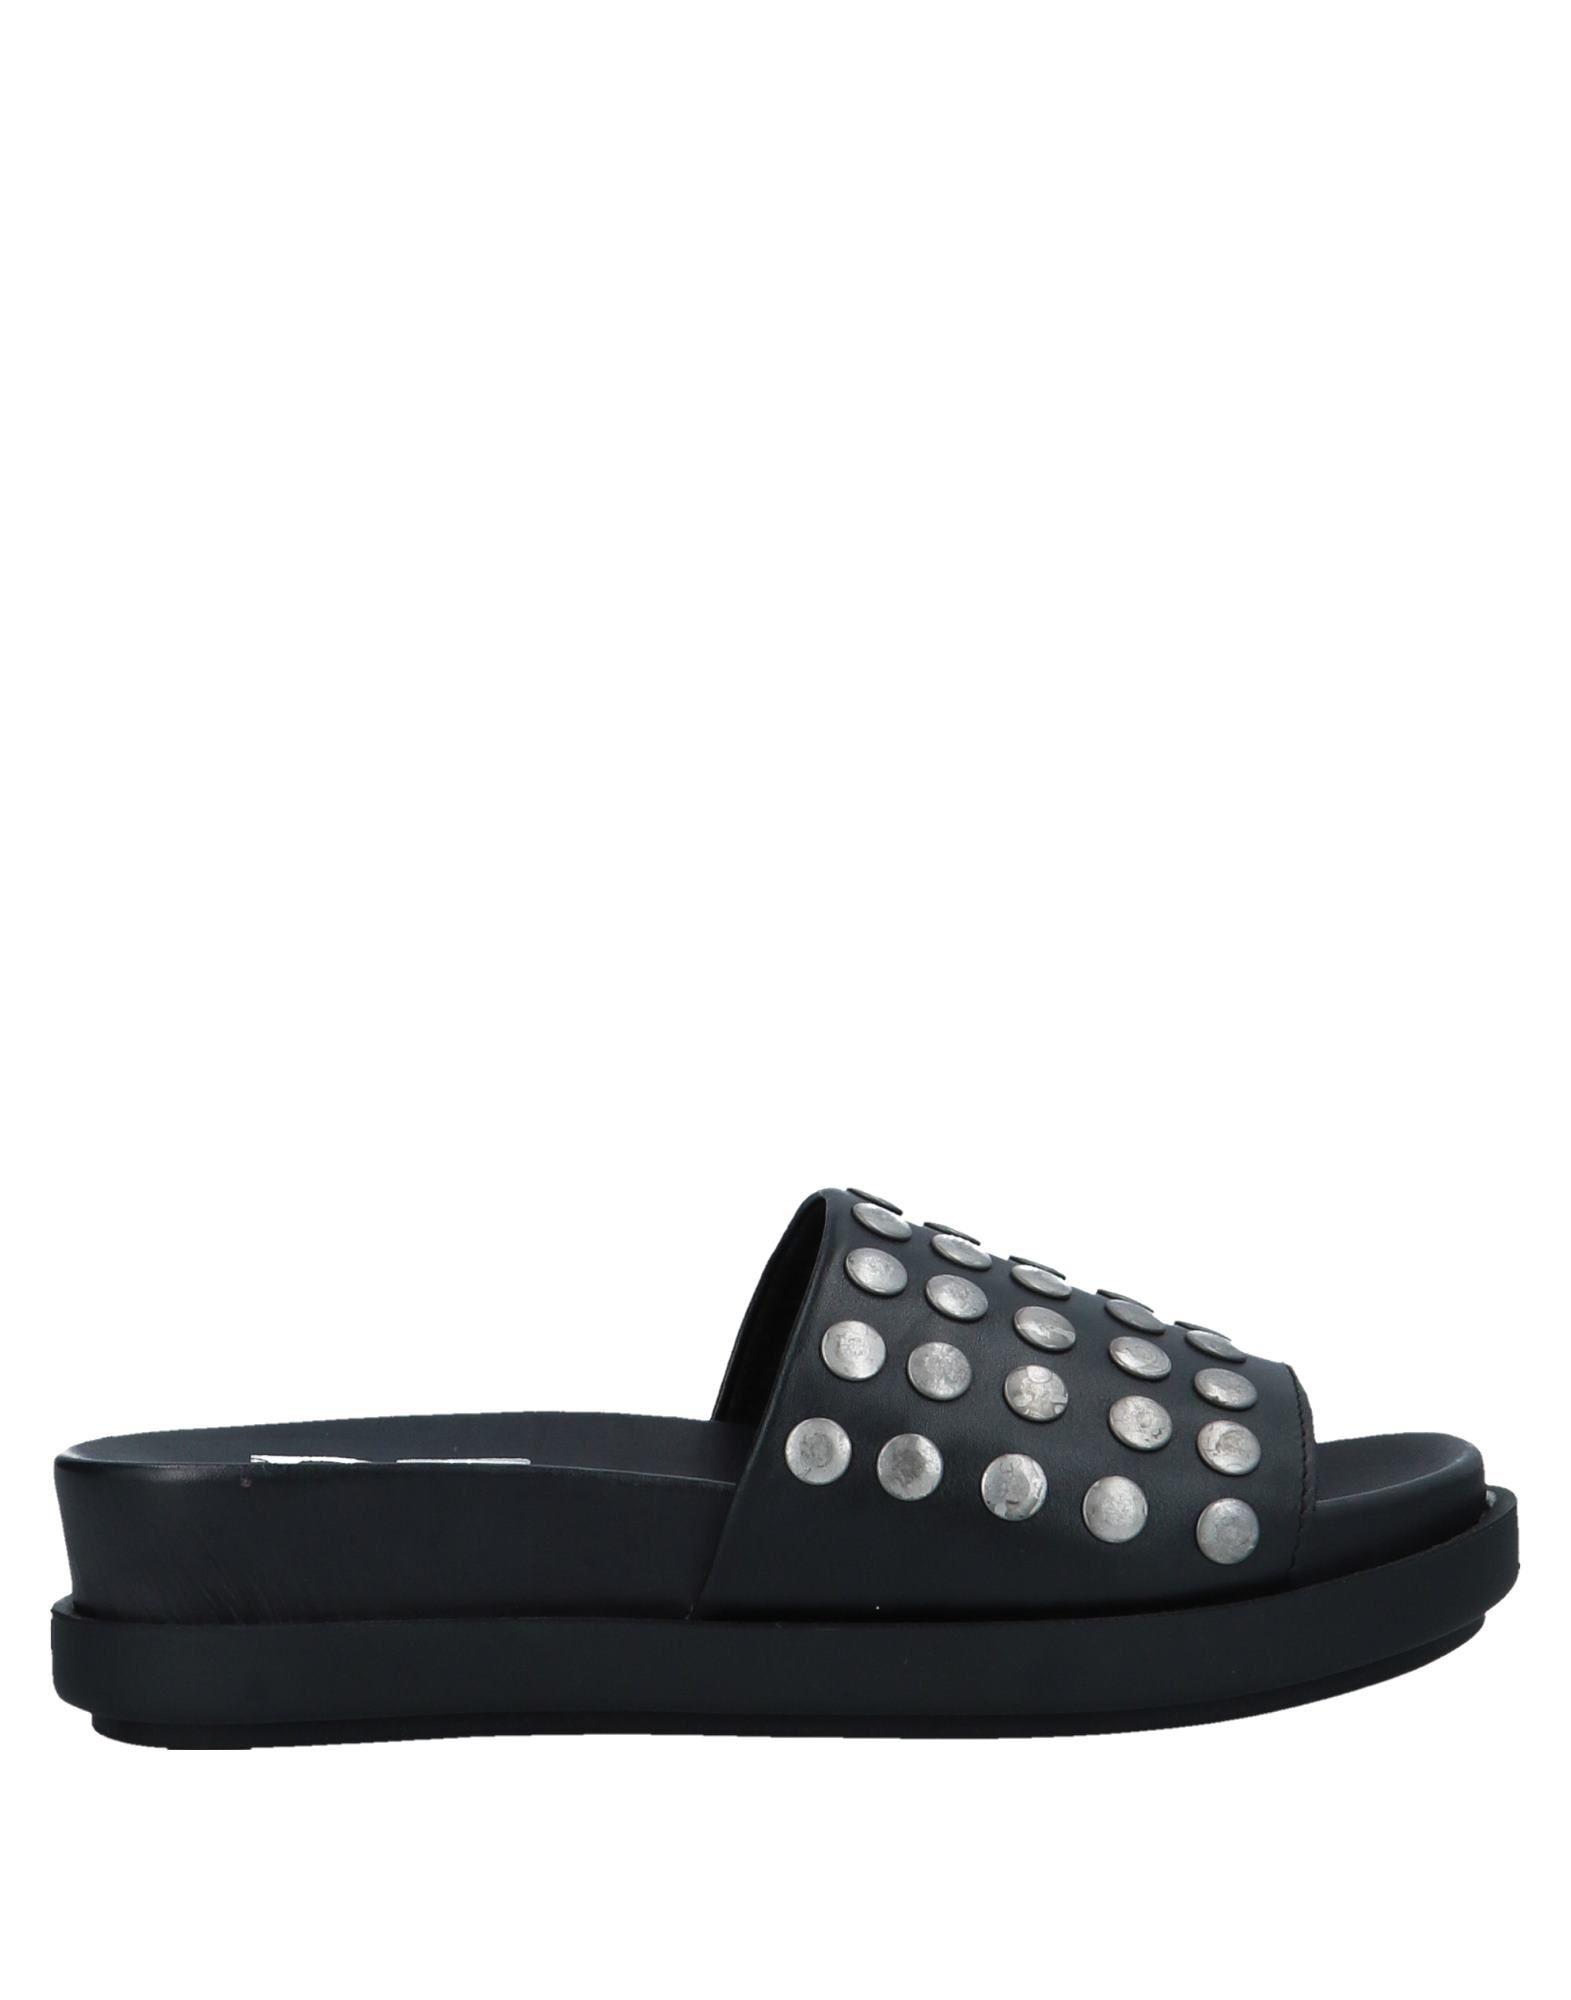 Divine Follie Schuhe Sandalen Damen 11571049UB Gute Qualität beliebte Schuhe Follie 5b7531